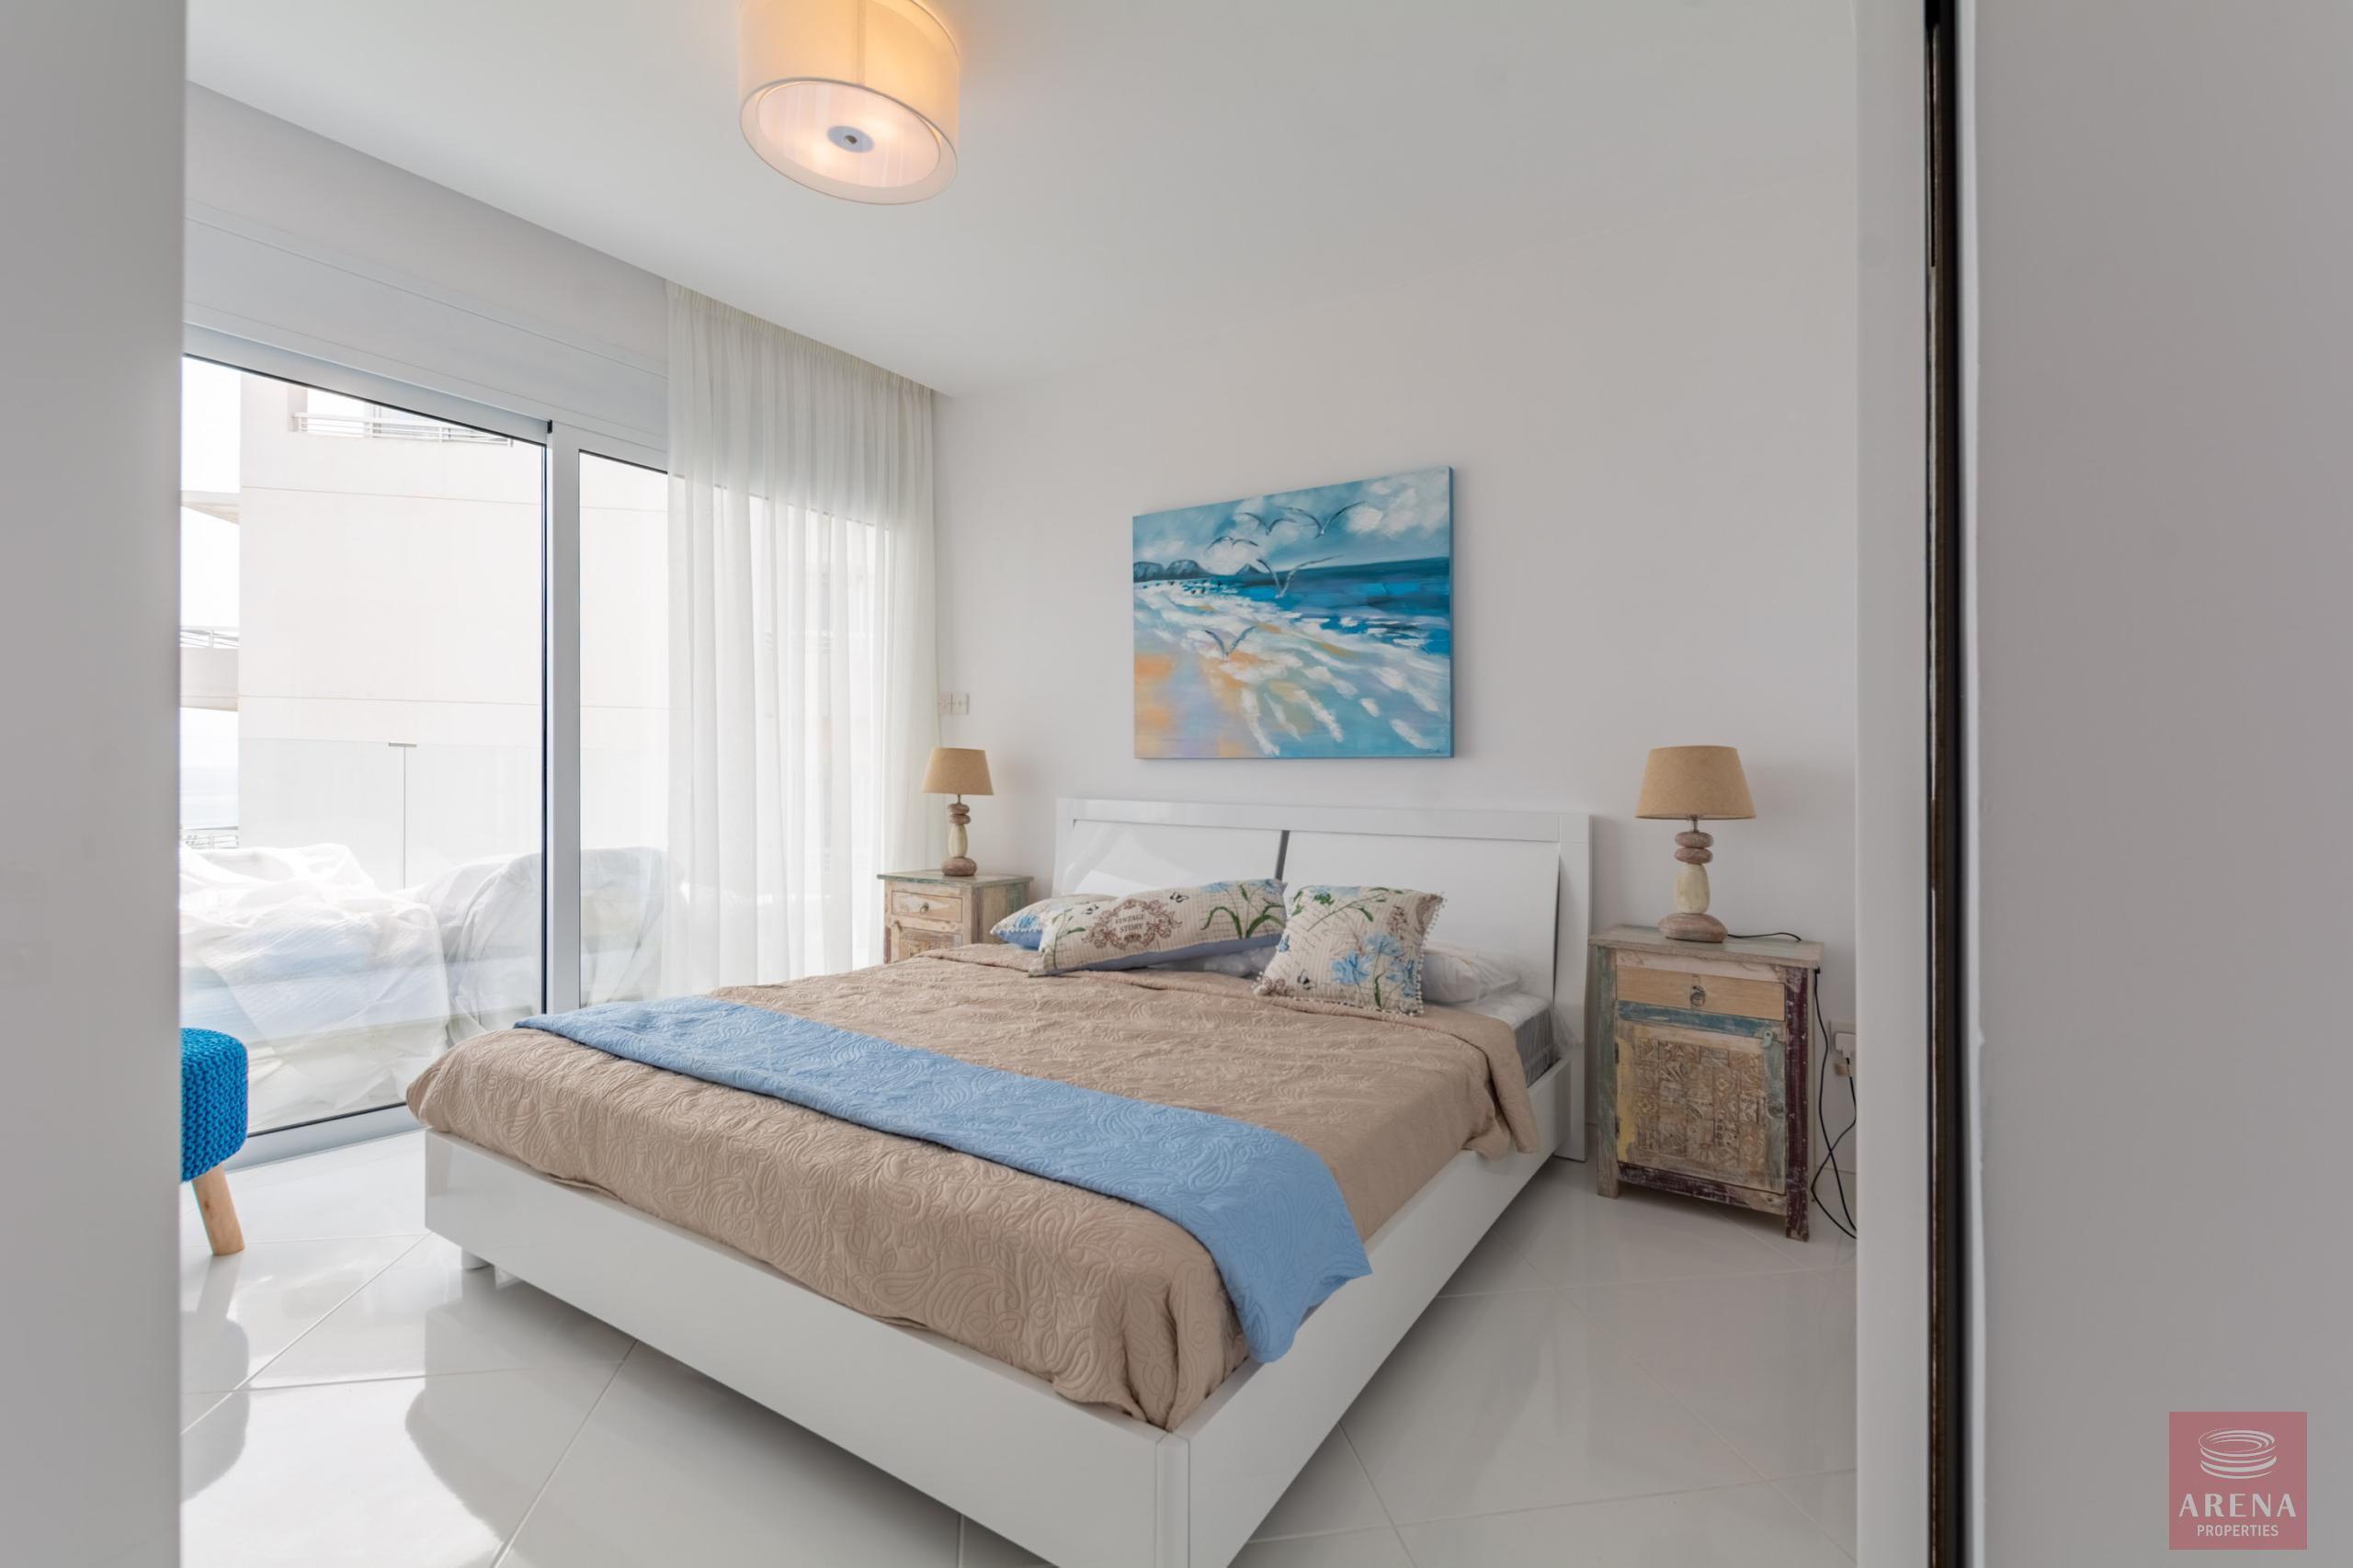 Apartment in Ayia Triada - bedroom